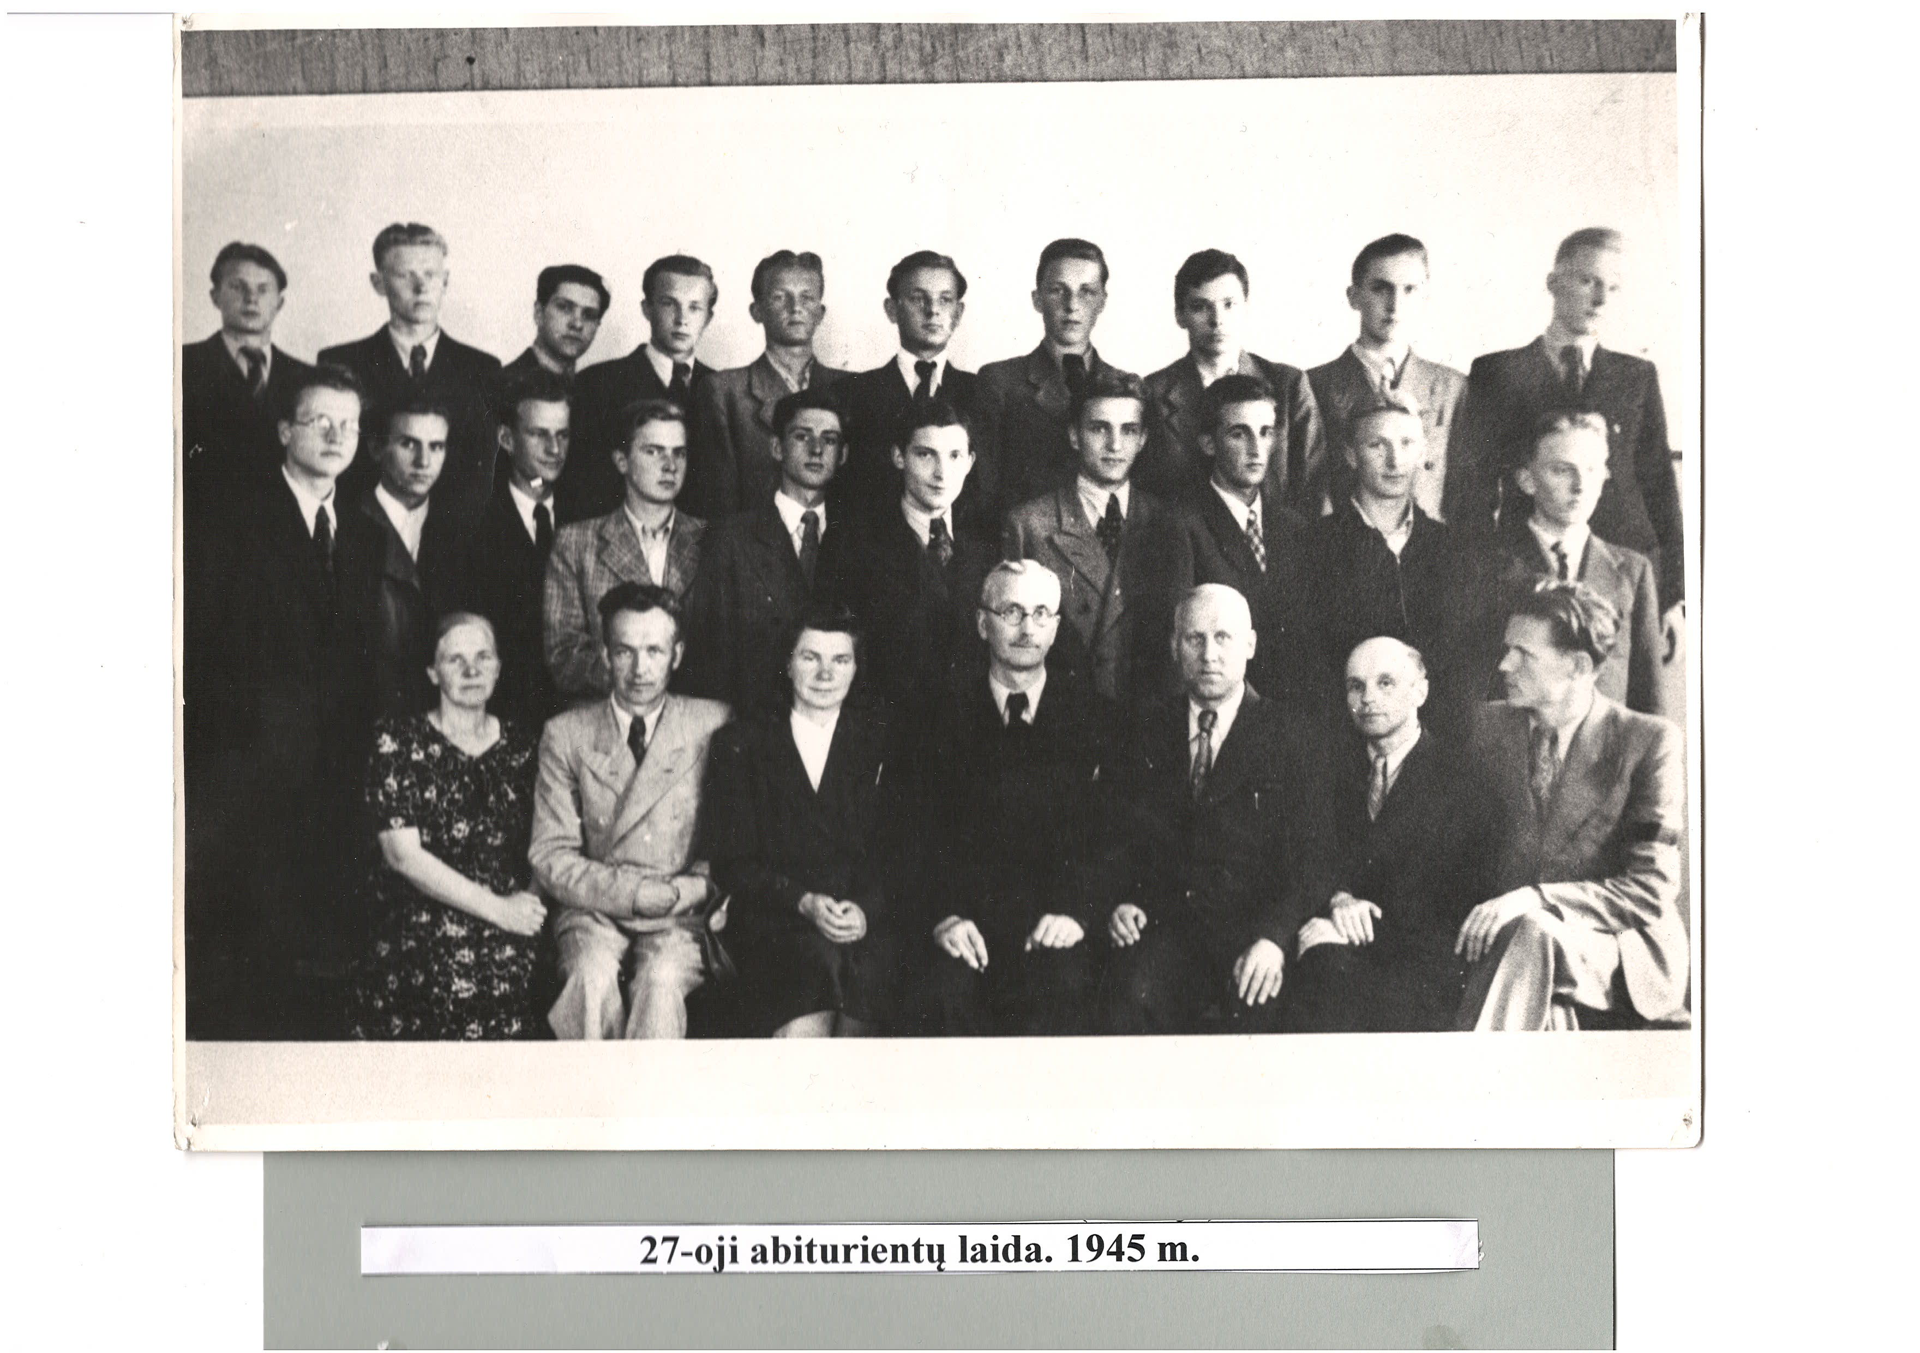 27-a laida, 1945 m.